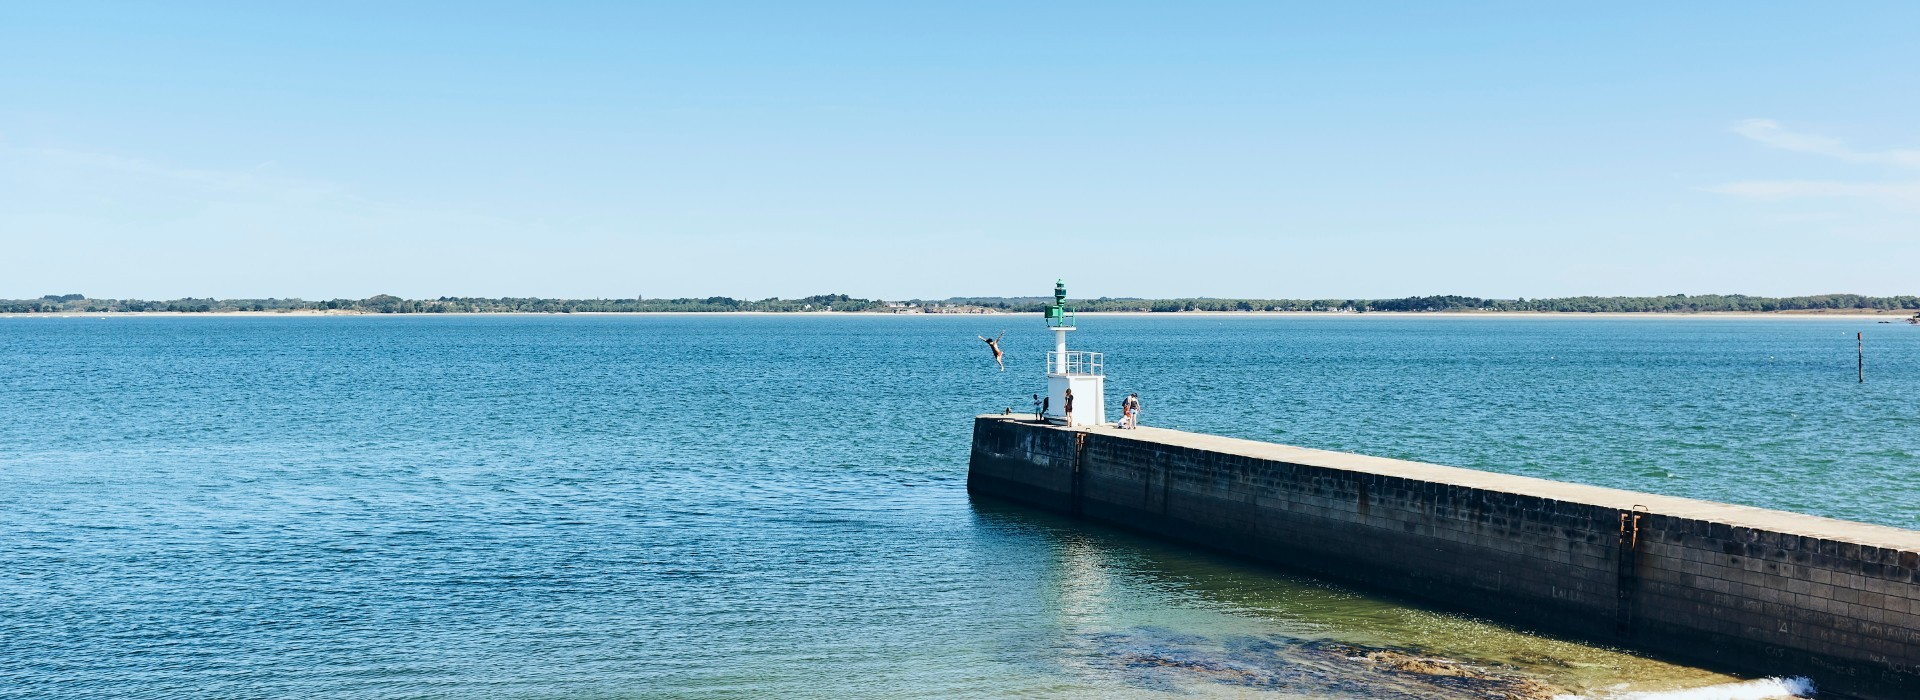 Etre partenaire de l'Office de Tourisme intercommunal La Baule Guérande - presquileguerande2019-alamoureux-mg